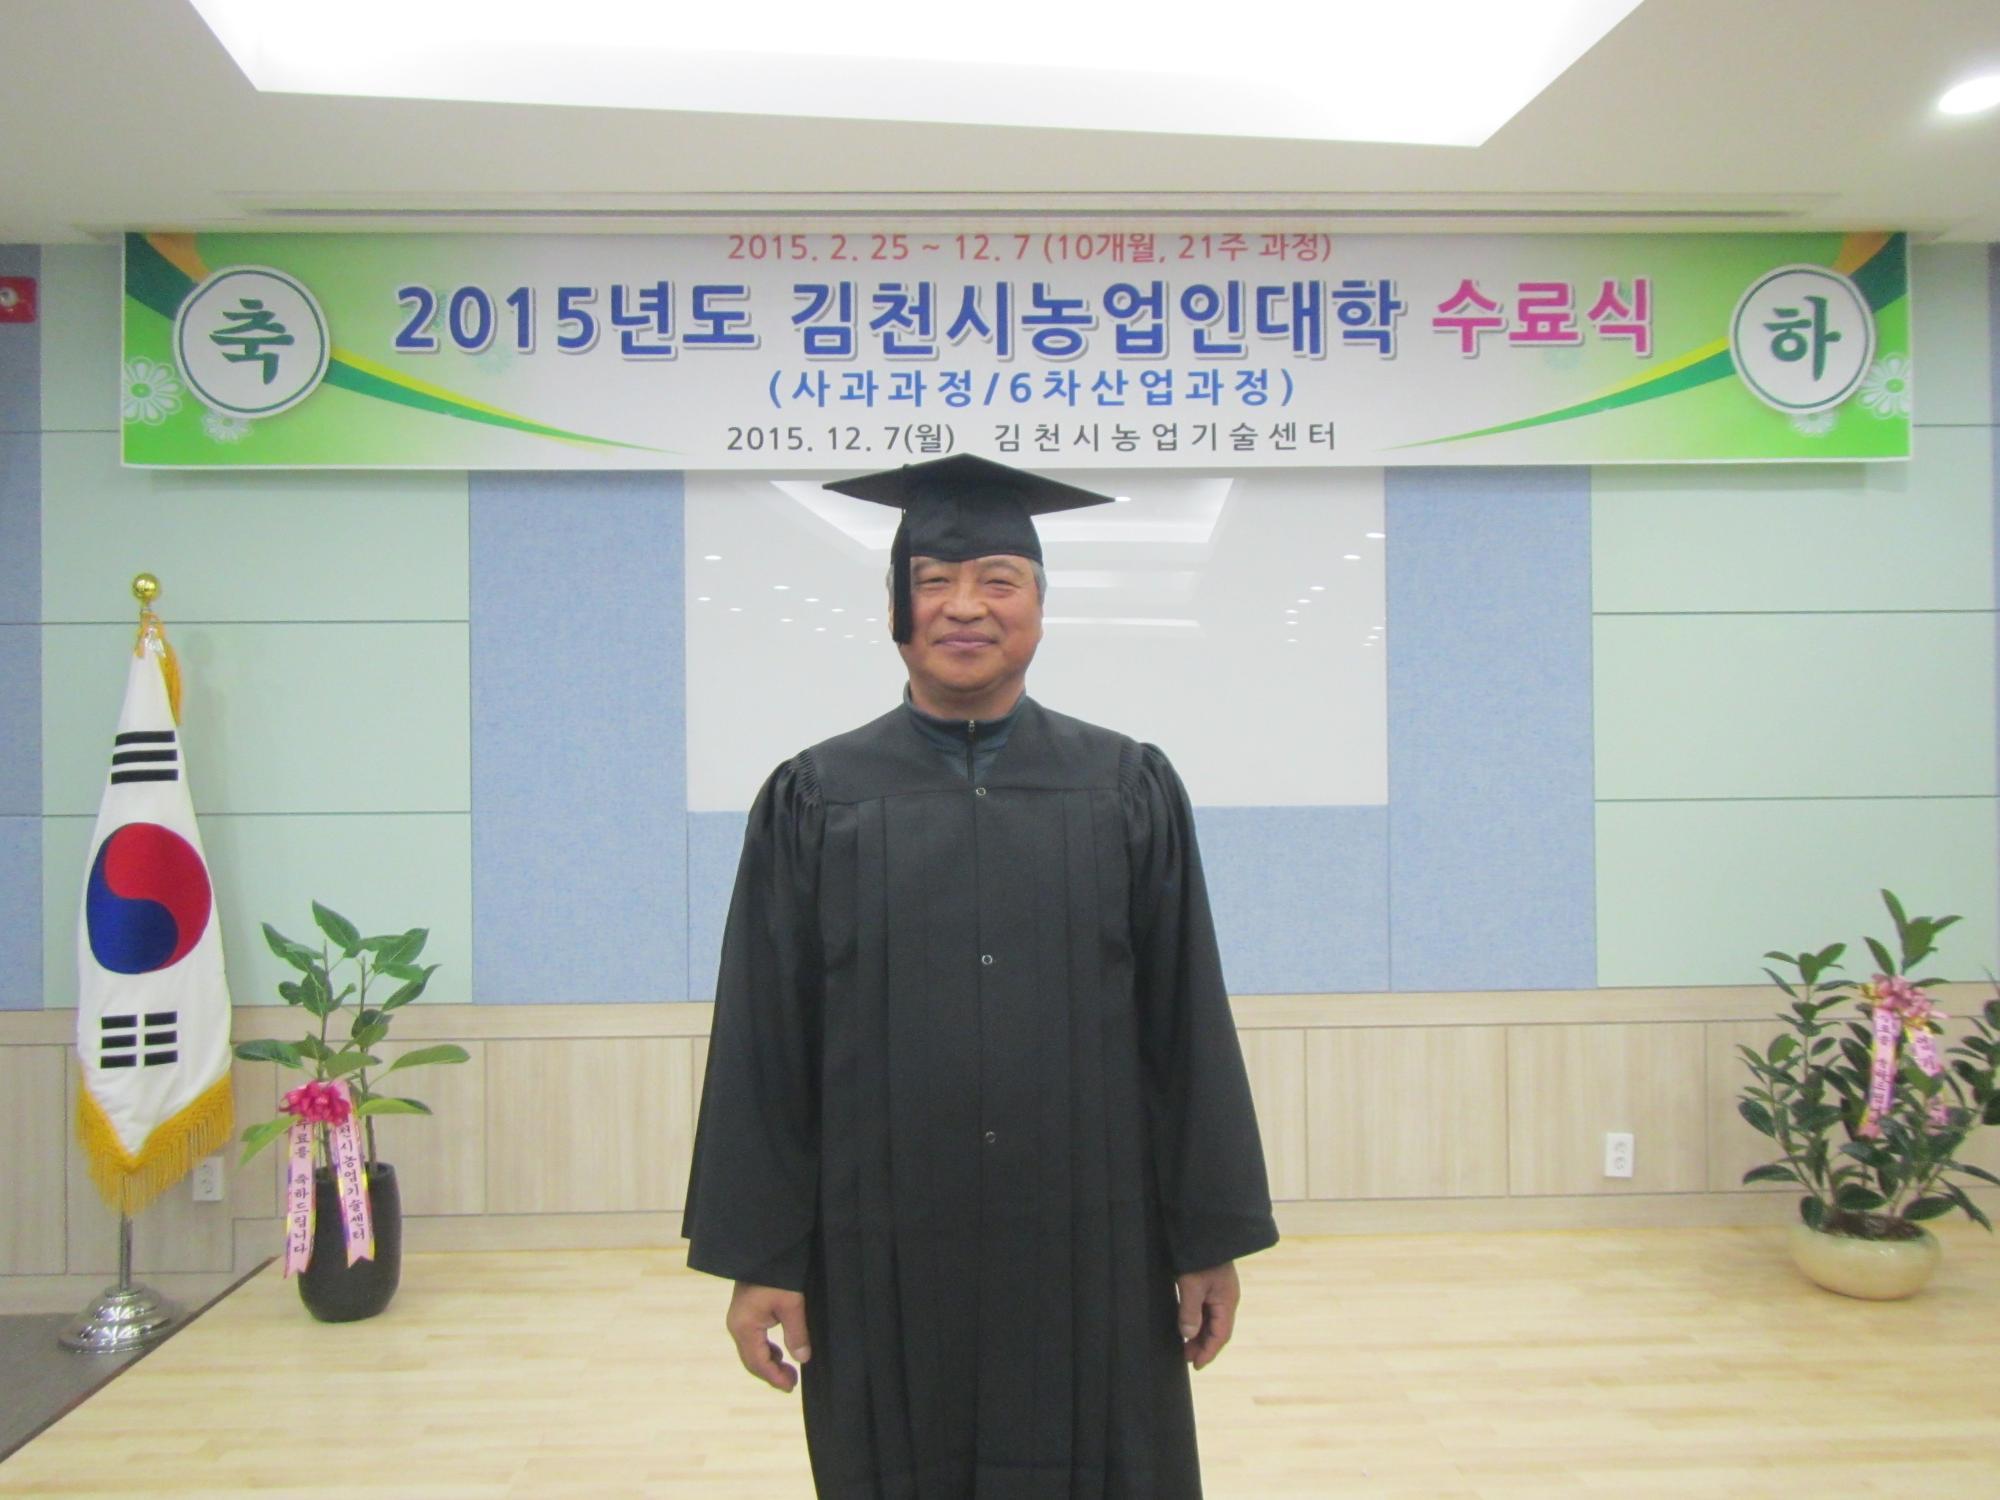 김천시농업기술센터 농업인대학 6차산업과정 수료식